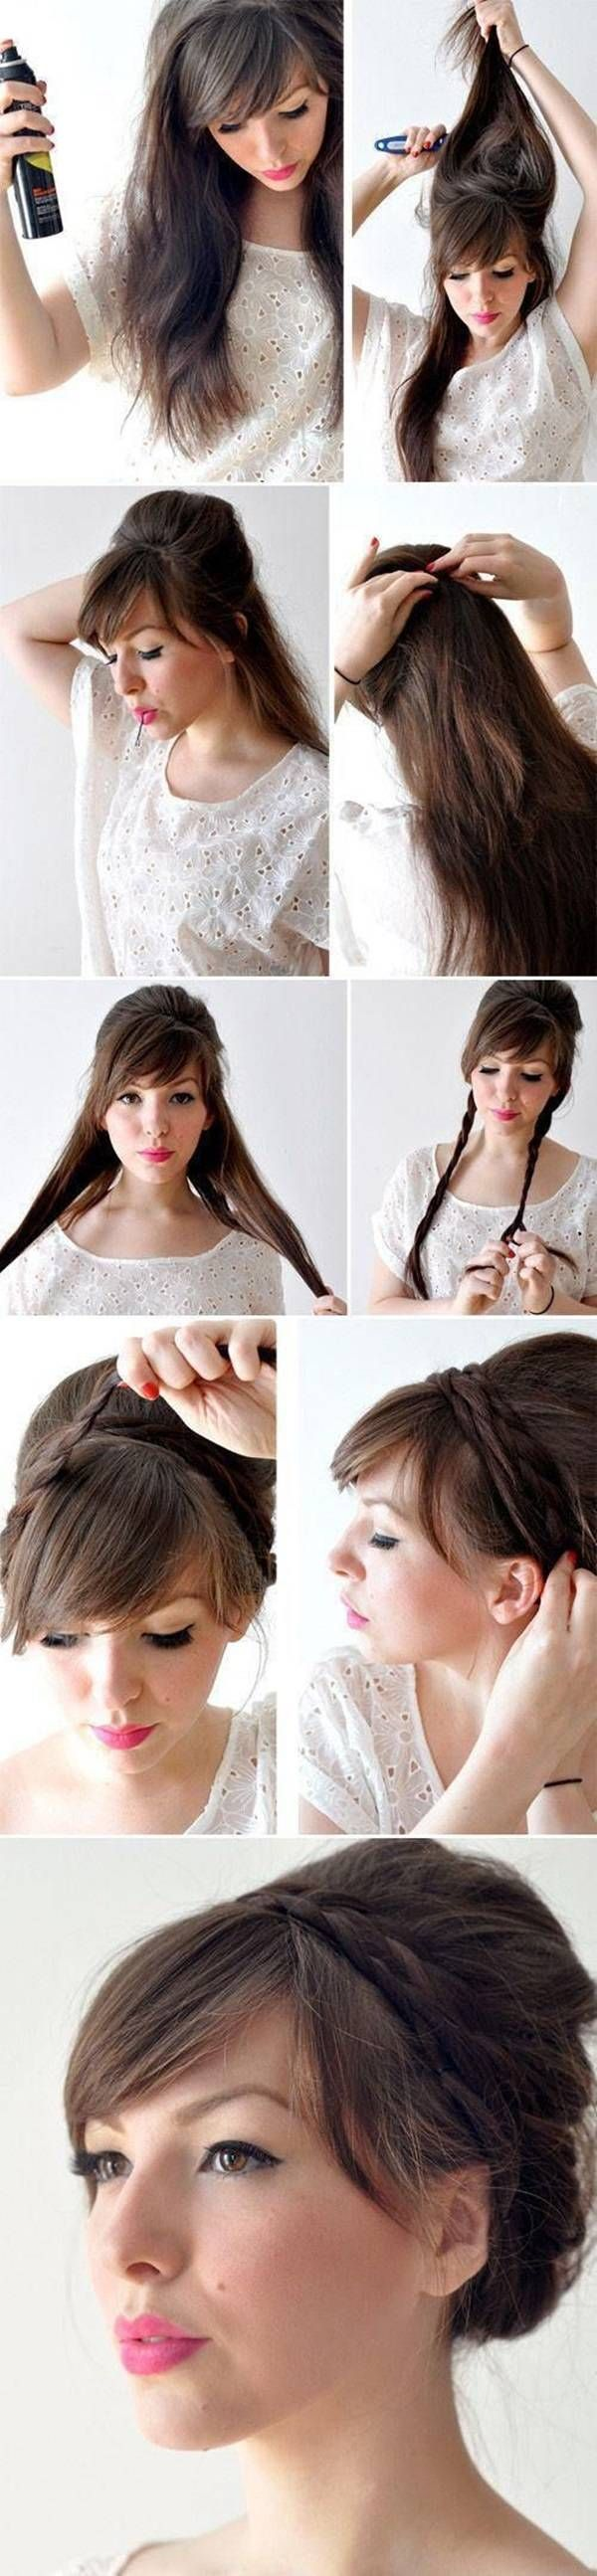 fryzury na co dzień z warkoczem